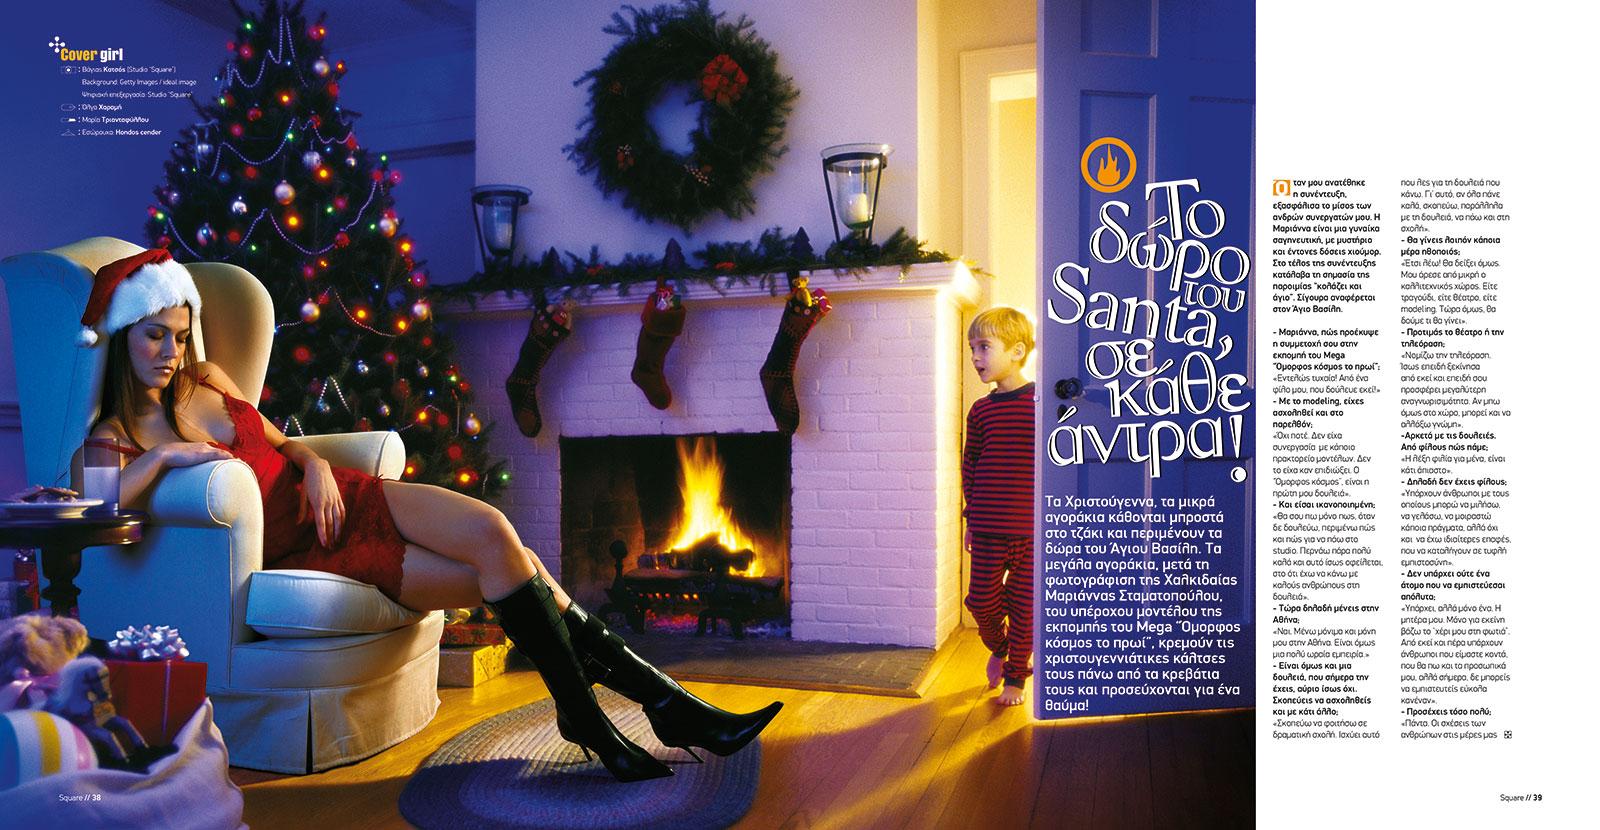 Άνοιγμα-θέματος-«το-δώρο-του-Santa-σε-κάθε-άνδρα».